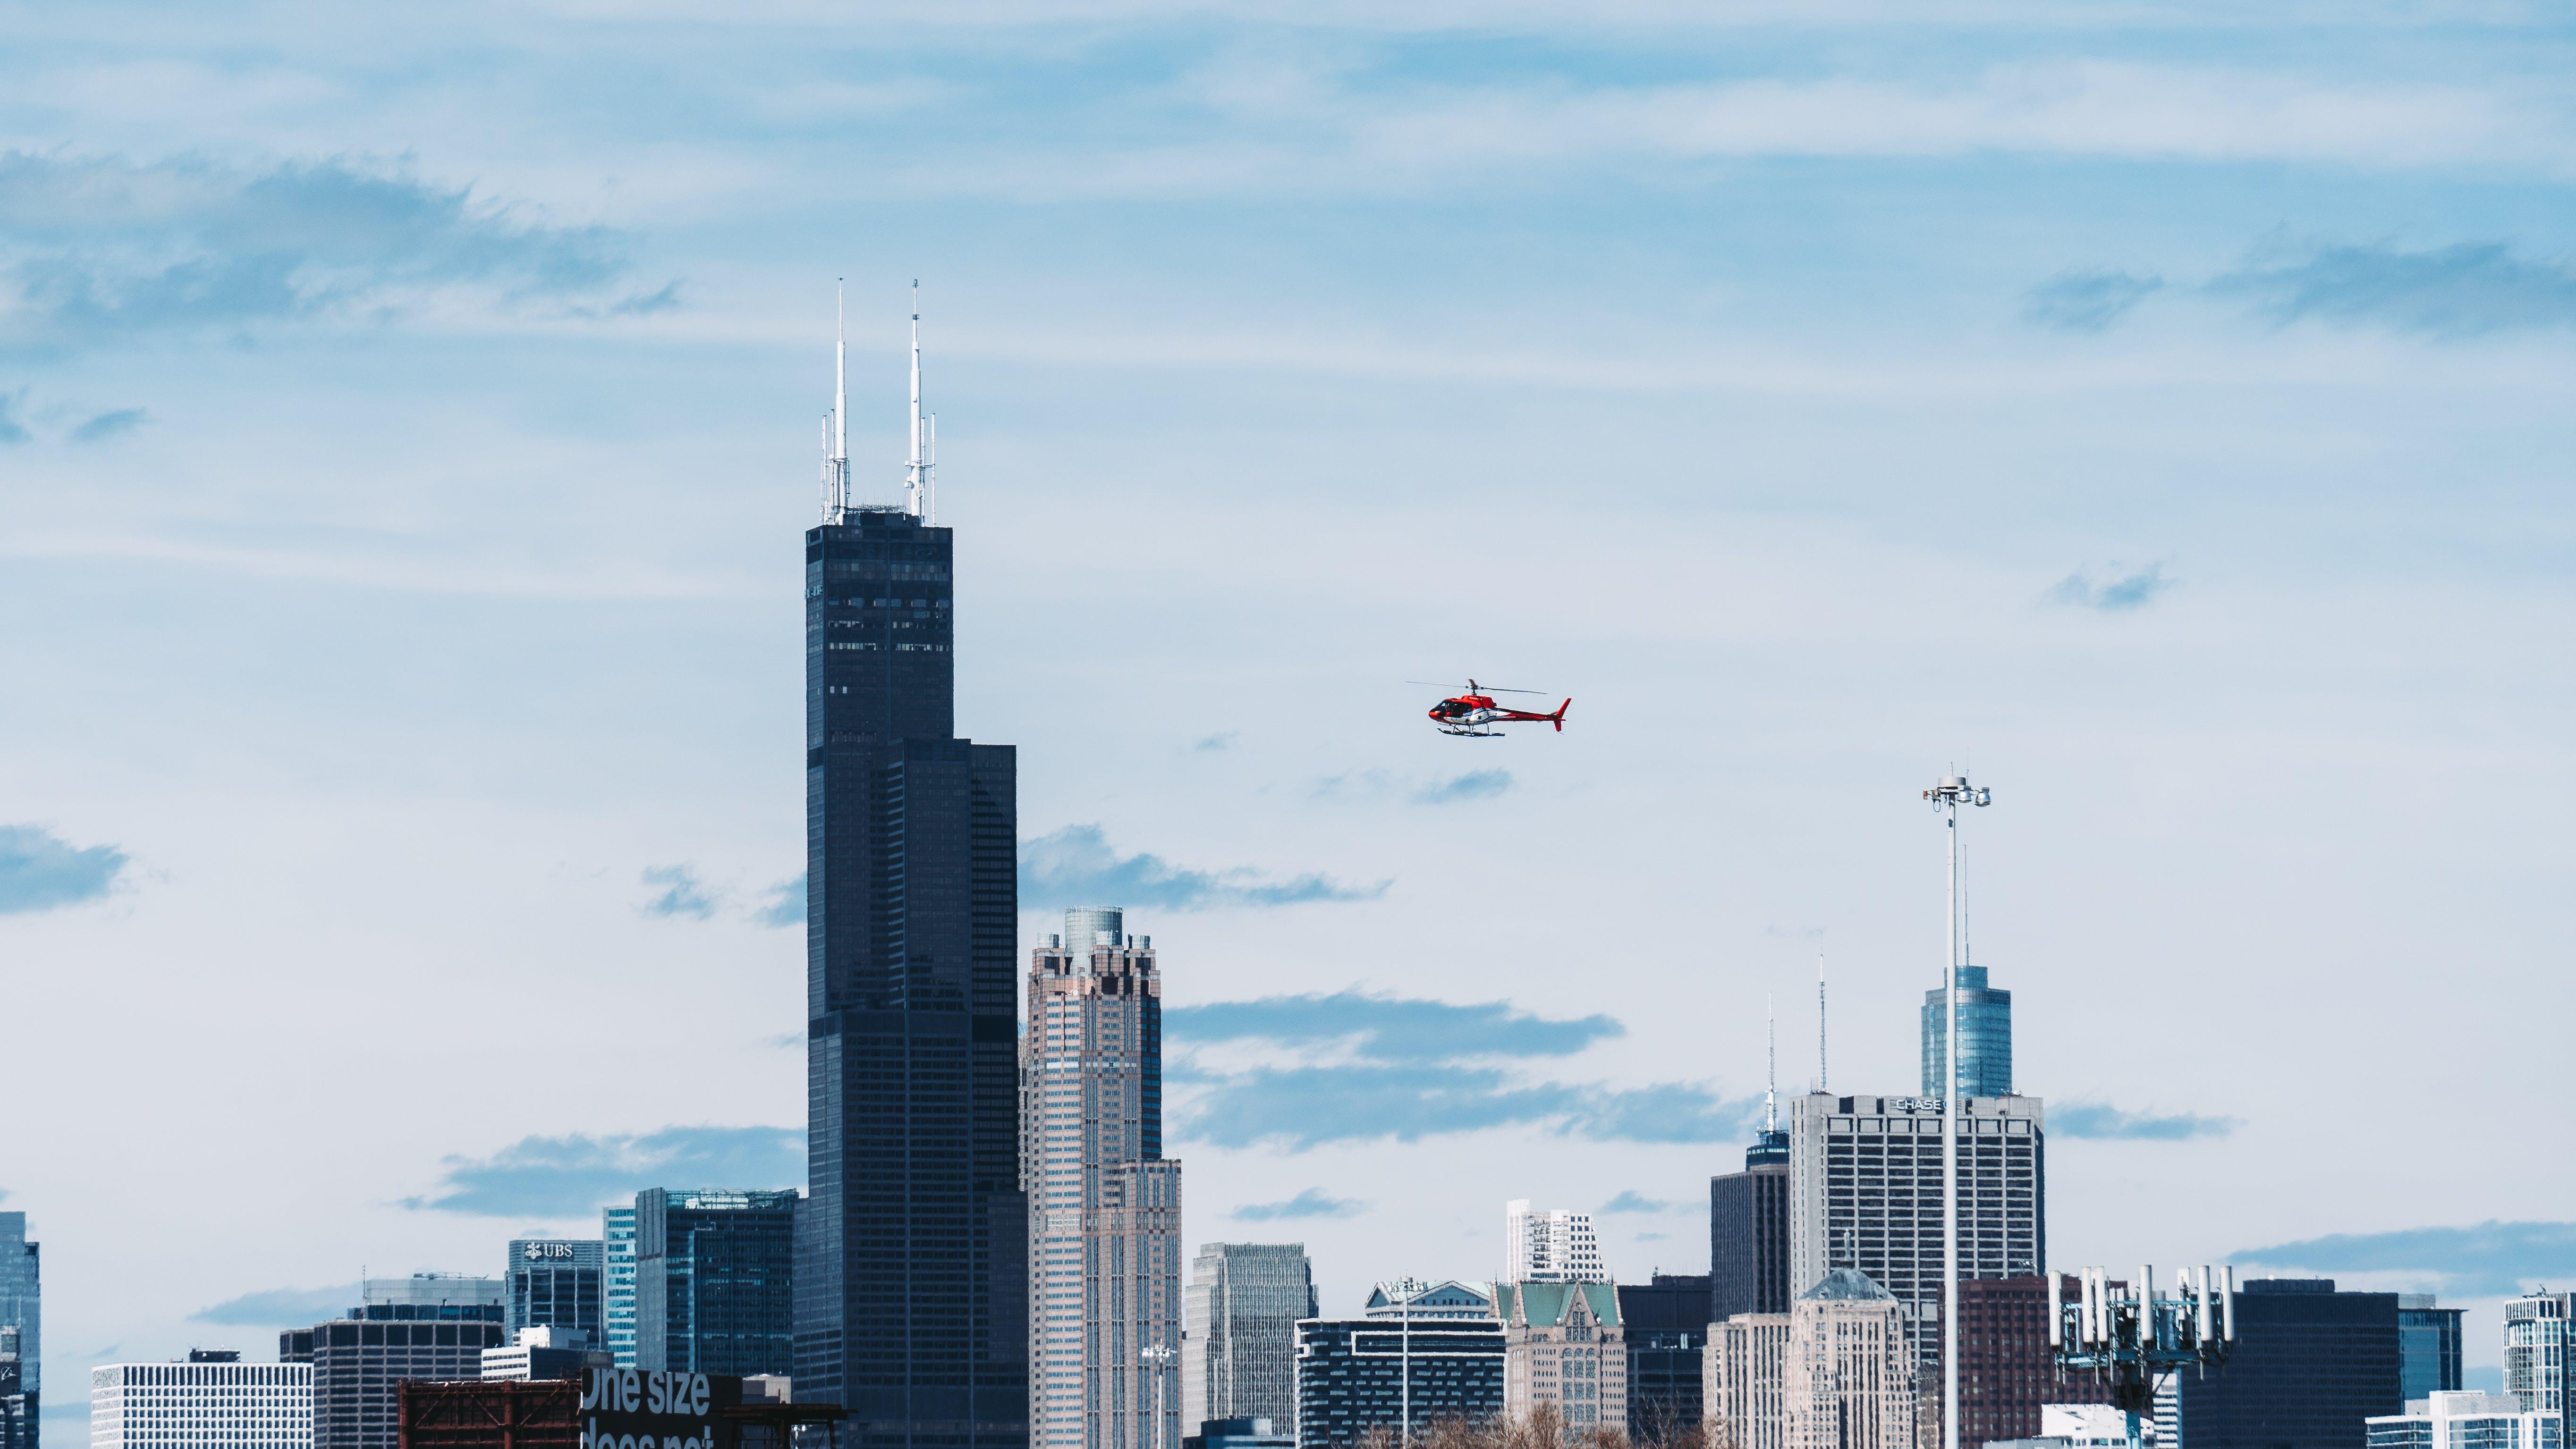 Kostenloses Stock Foto zu architektur, flug, gebäude, hubschrauber